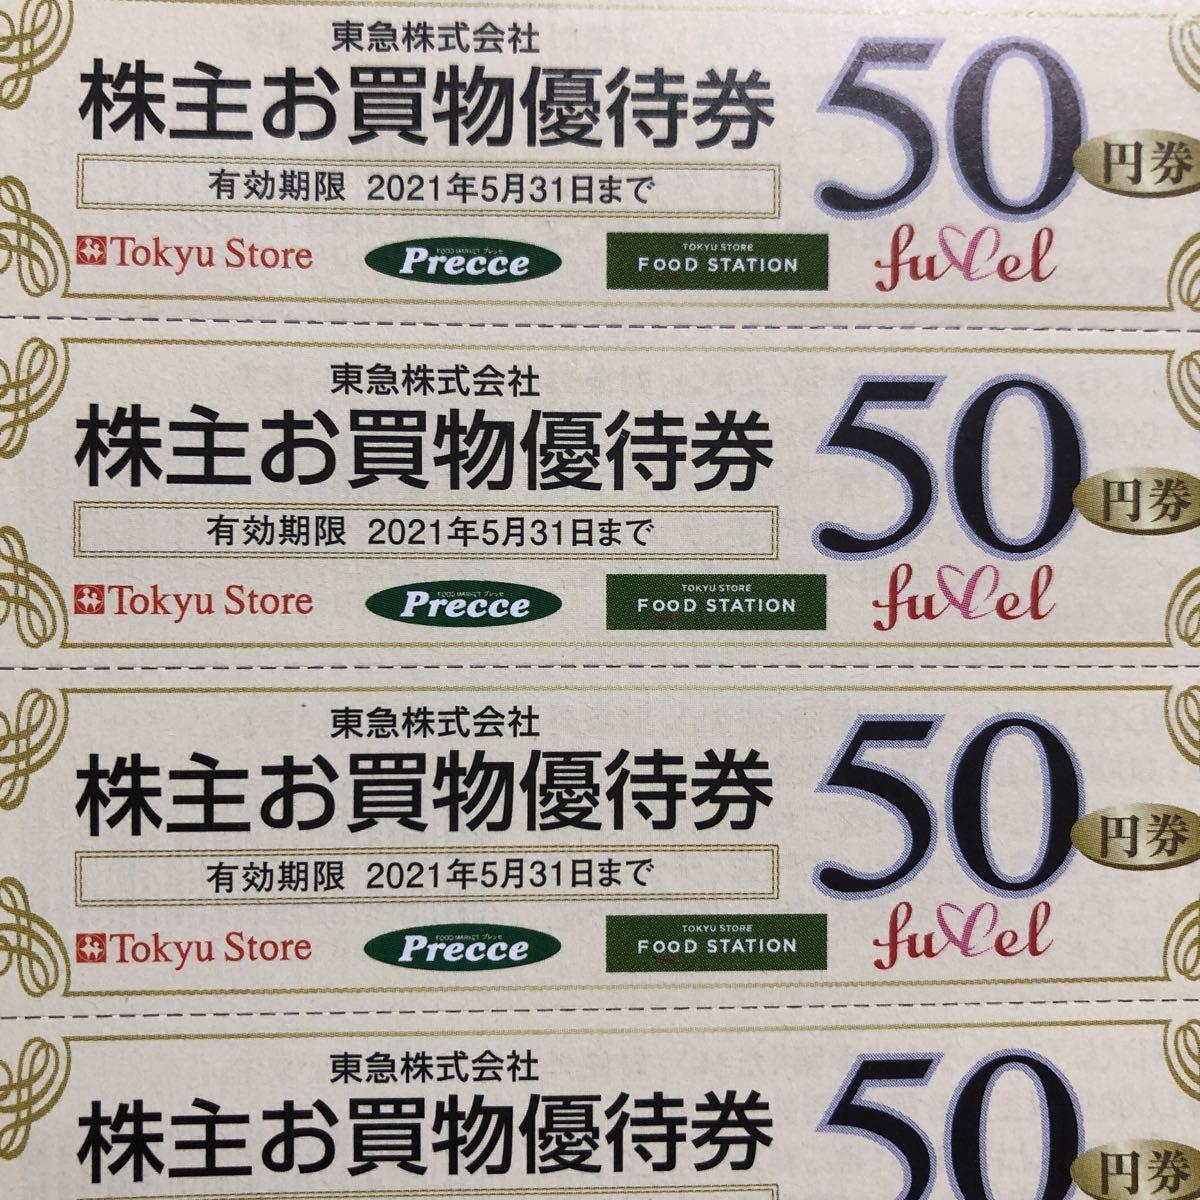 東急株主優待券_画像3